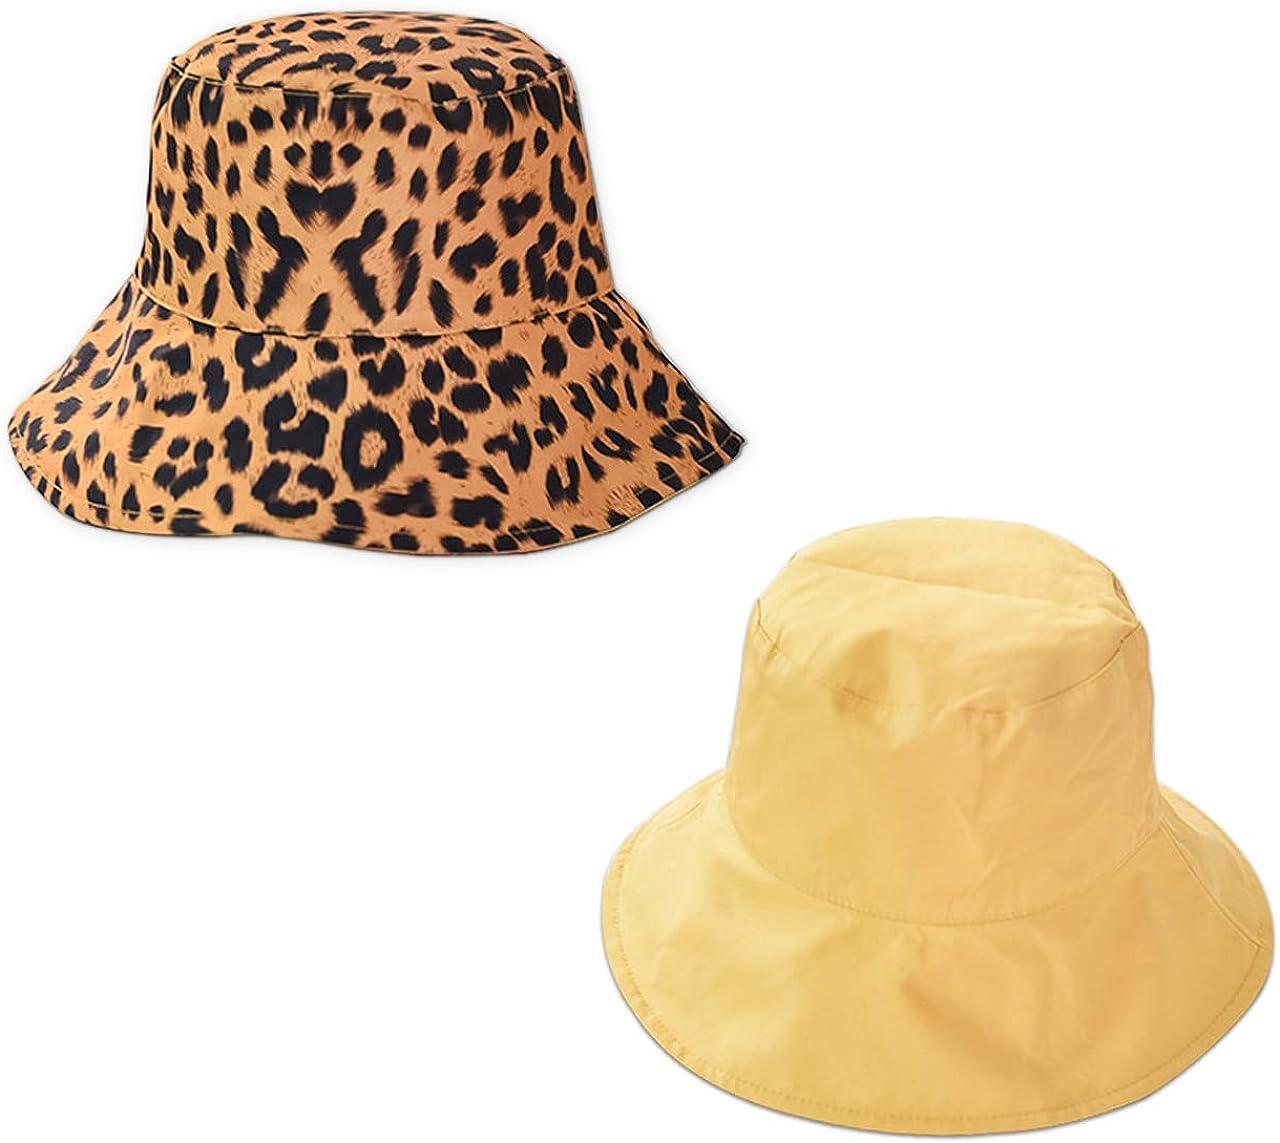 CHIC DIARY Faltbar Sonnenhut mit Leopard Muster Strandhut Beidseitig Tragbar UV Schutz Sommer M/ütze Fischerhut Damen M/ädchen